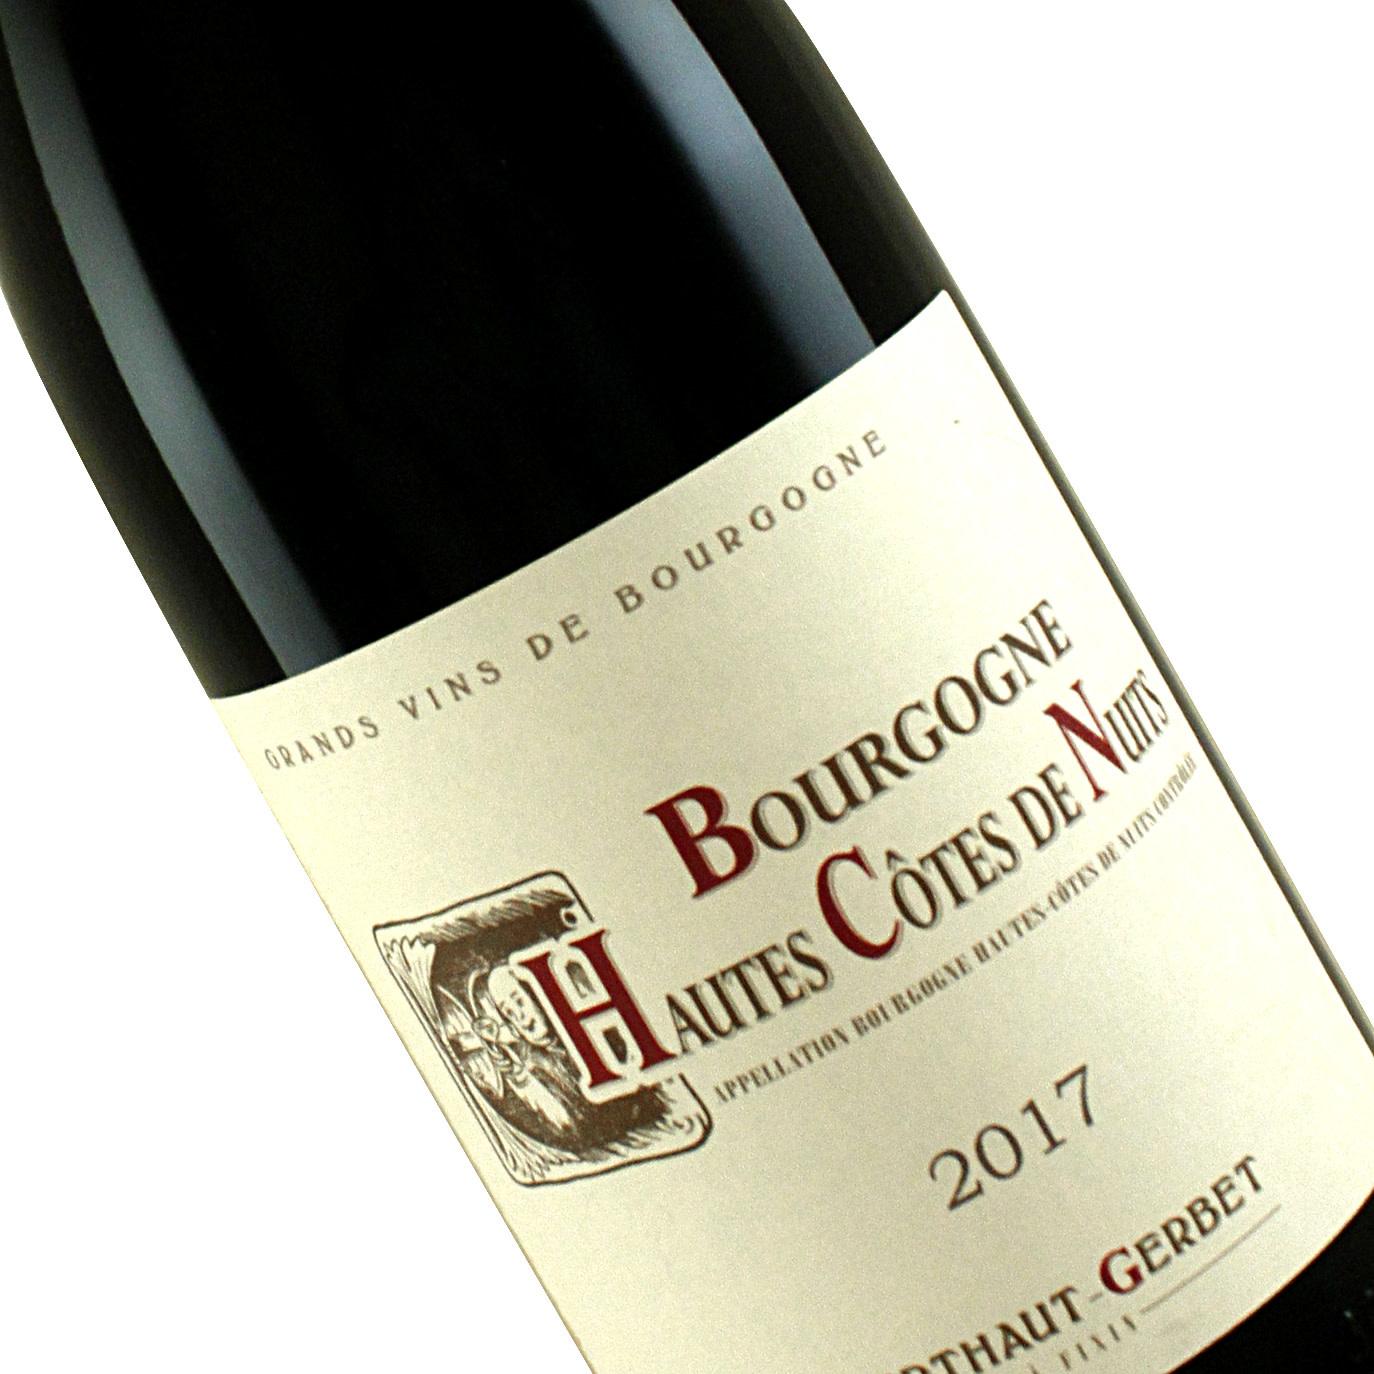 Domaine Berthaut-Gerbet 2017 Bourgogne Hautes Cotes De Nuits